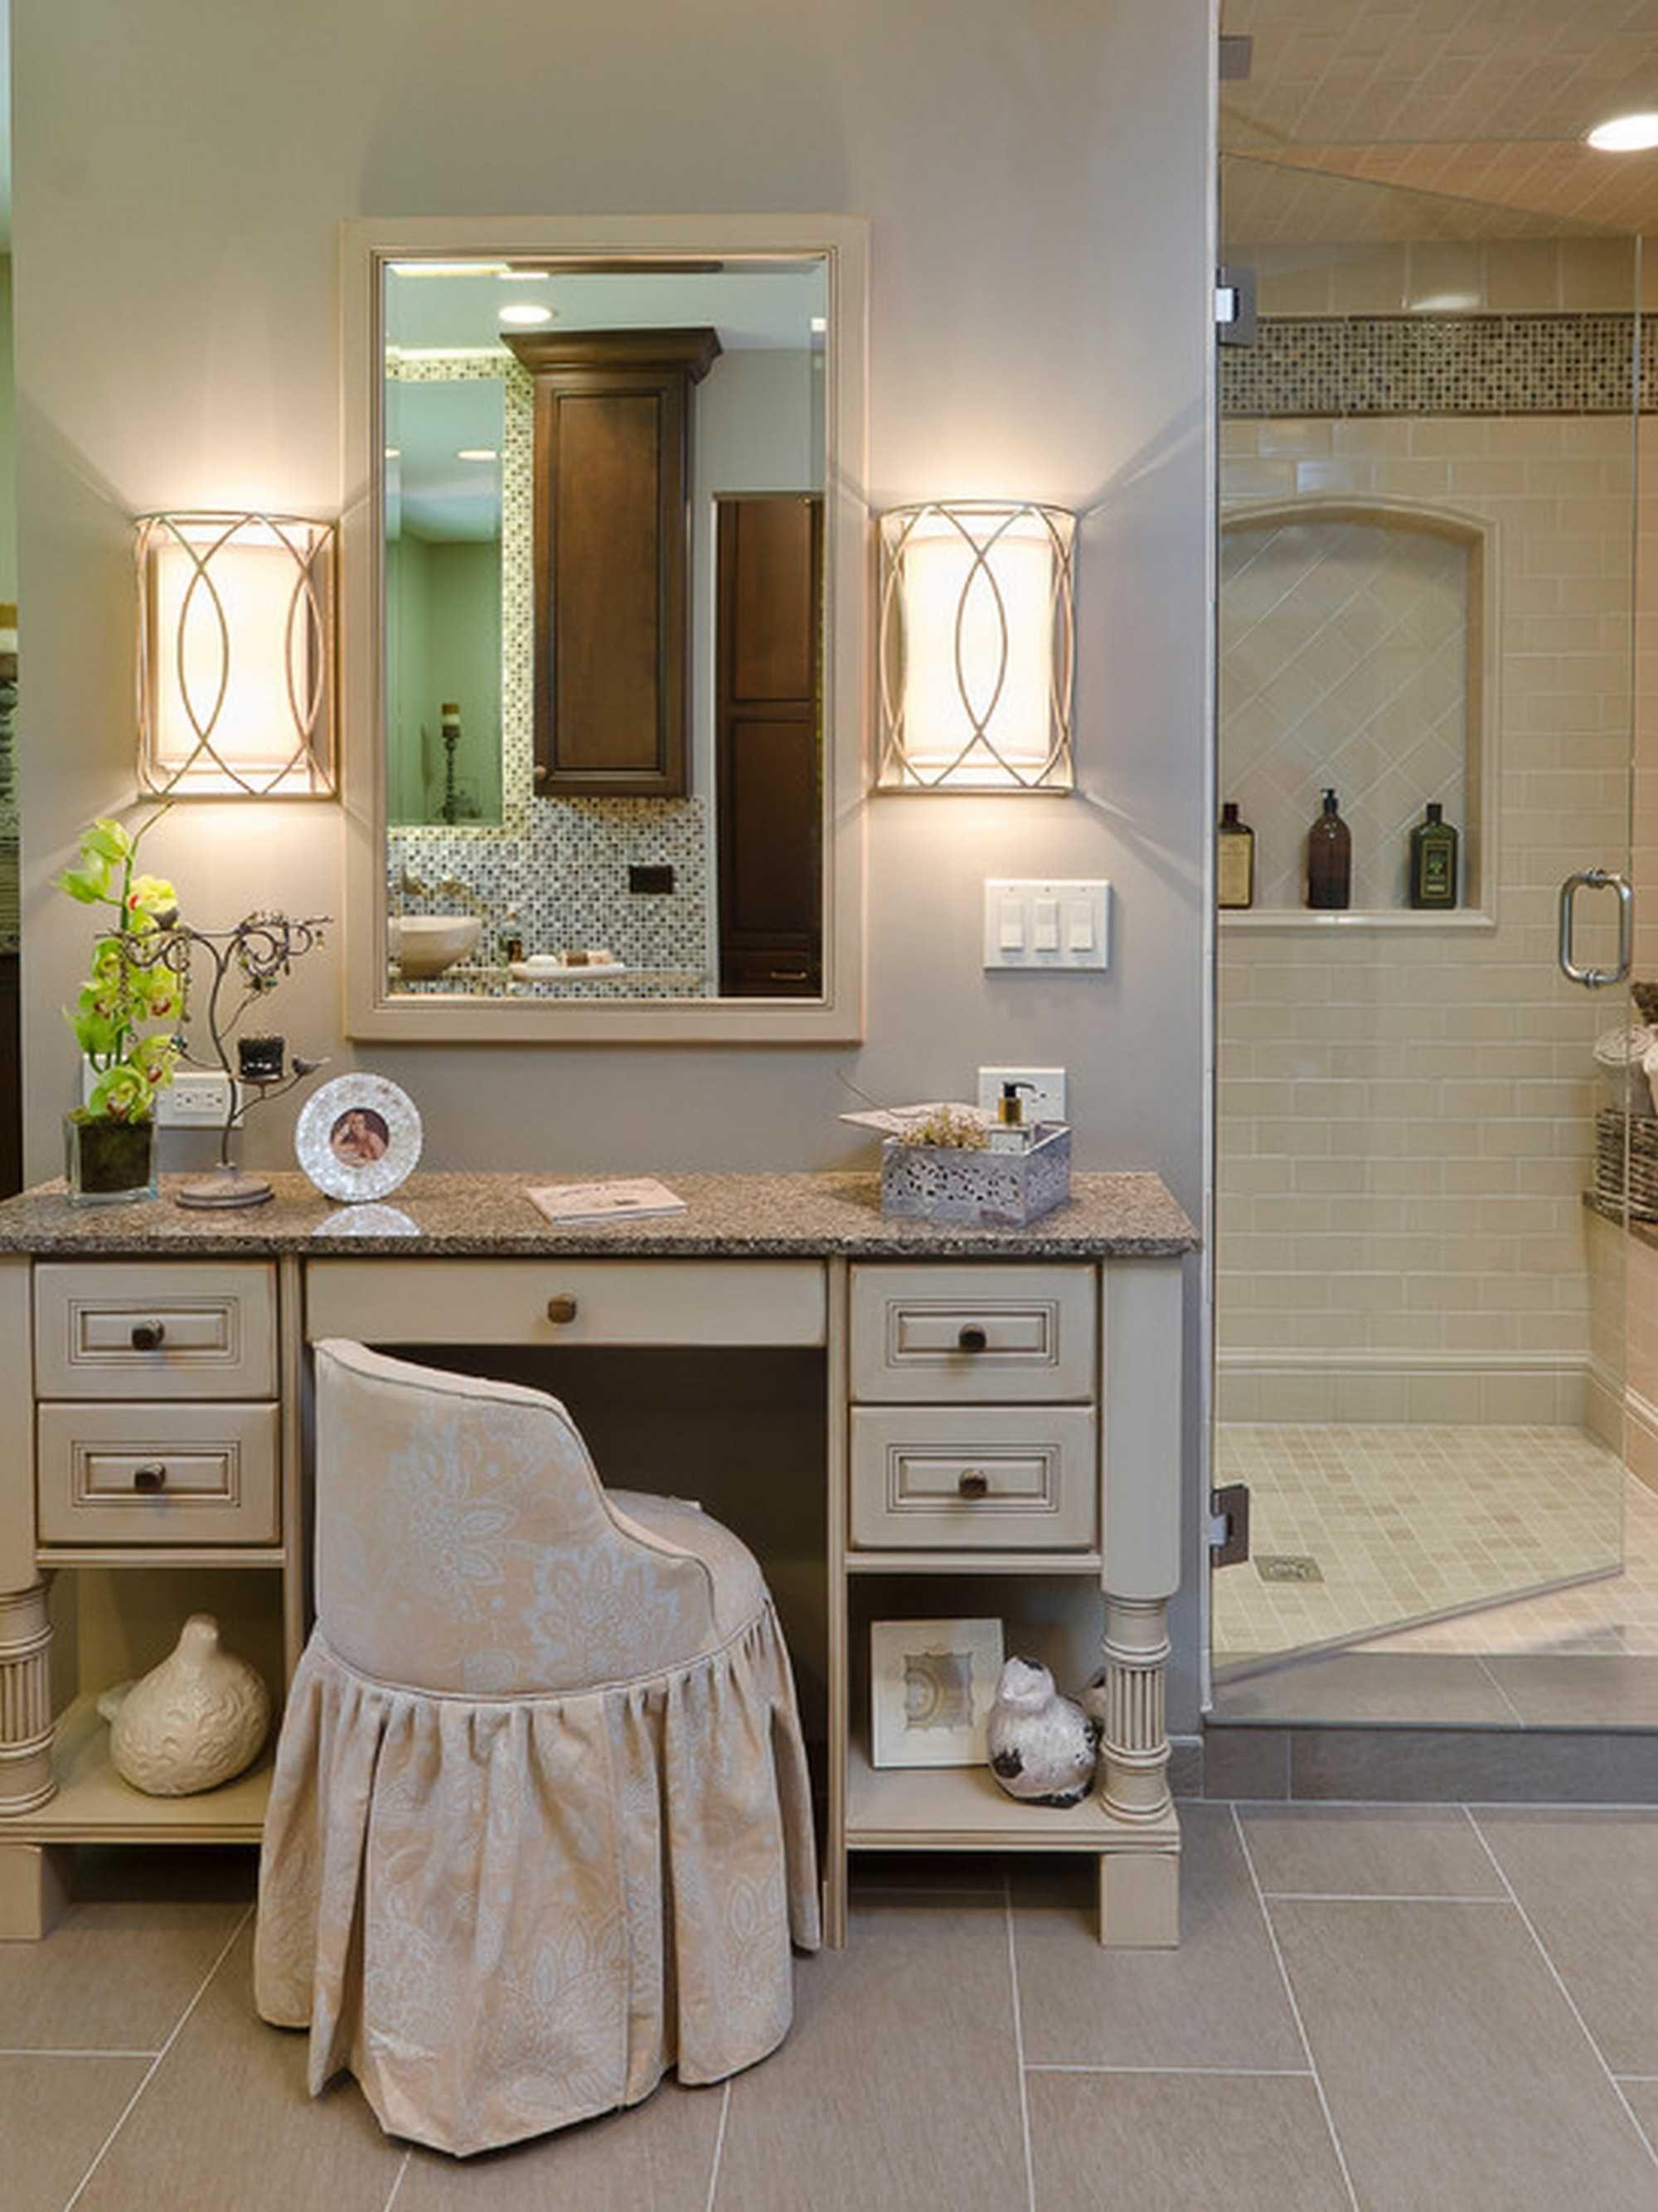 24 Luxury Vanity Mirror With Lights Ideas Manlikemarvinsparks Com Bathroom With Makeup Vanity Bedroom Vanity Vanity Design